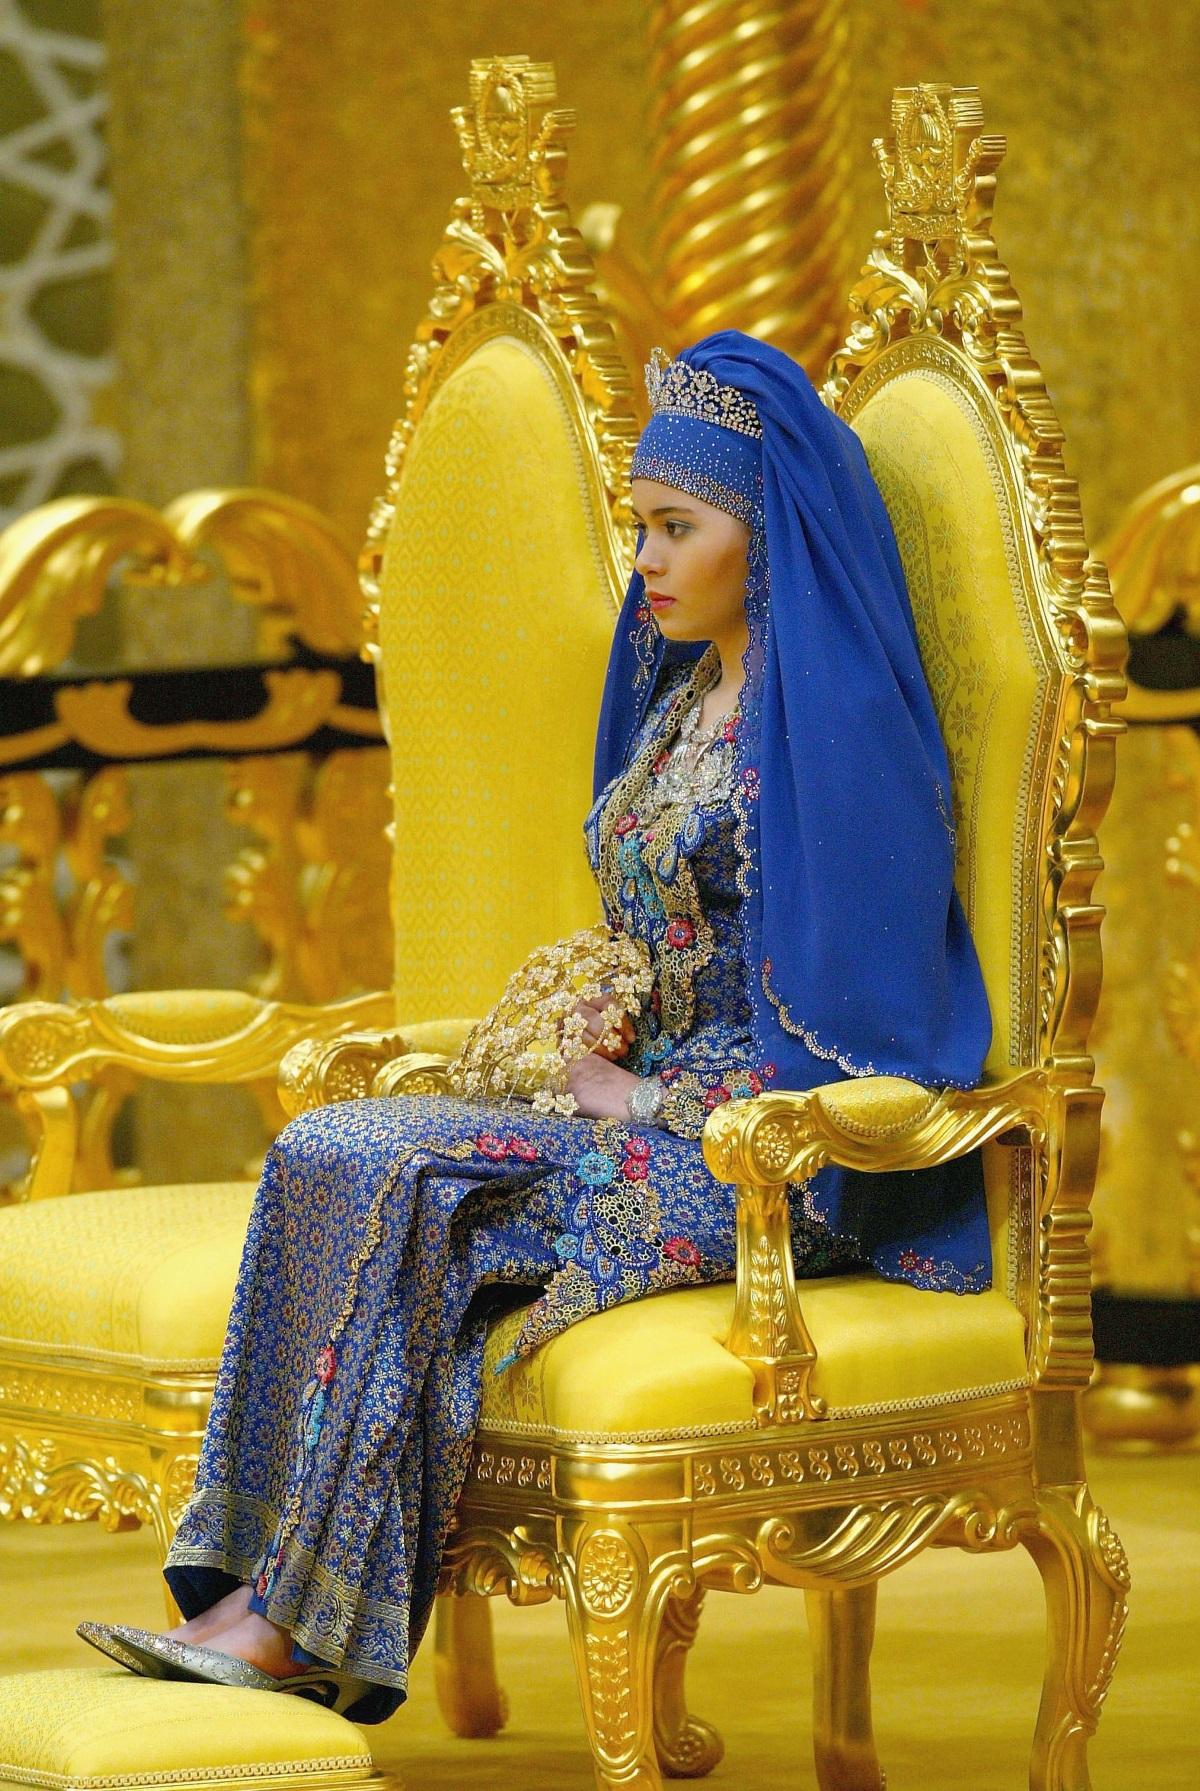 Принцесата на Бруней Даянгку Сара се омъжва за престолонаследника Ал Мухтаде Билах през 2004 г. На сватбата си тя е с пет различни облекла на обща стойност 4 млн. долара.